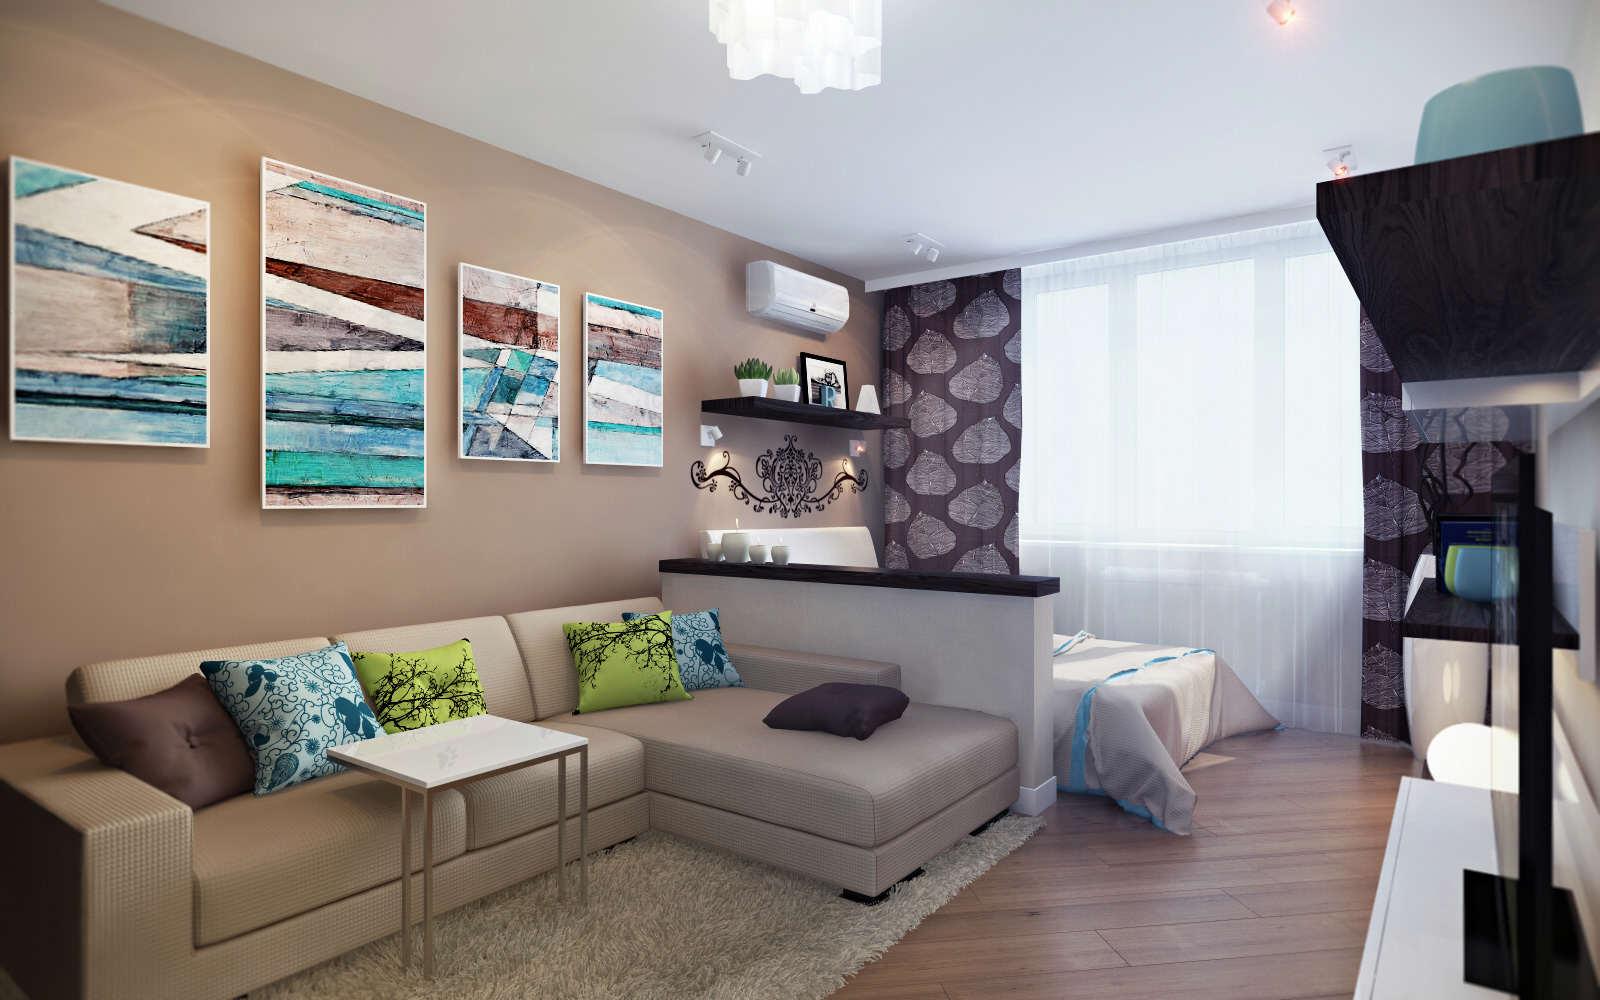 Ремонт квартир в Москве под ключ: цена от 2990, прайс-лист